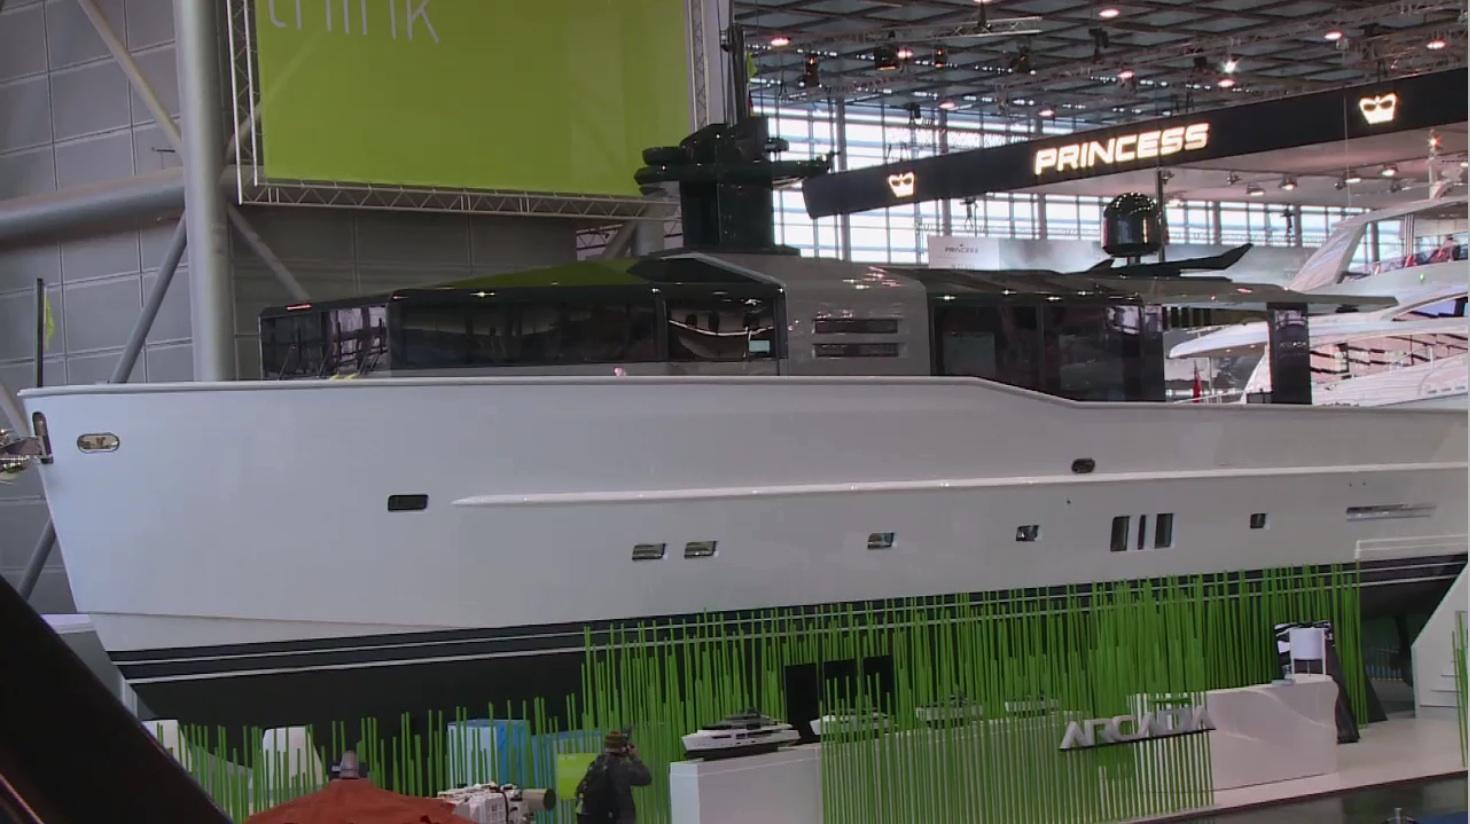 Träumen erlaubt! Luxus auf der boot 2014. © spotihts/mhoch4tv